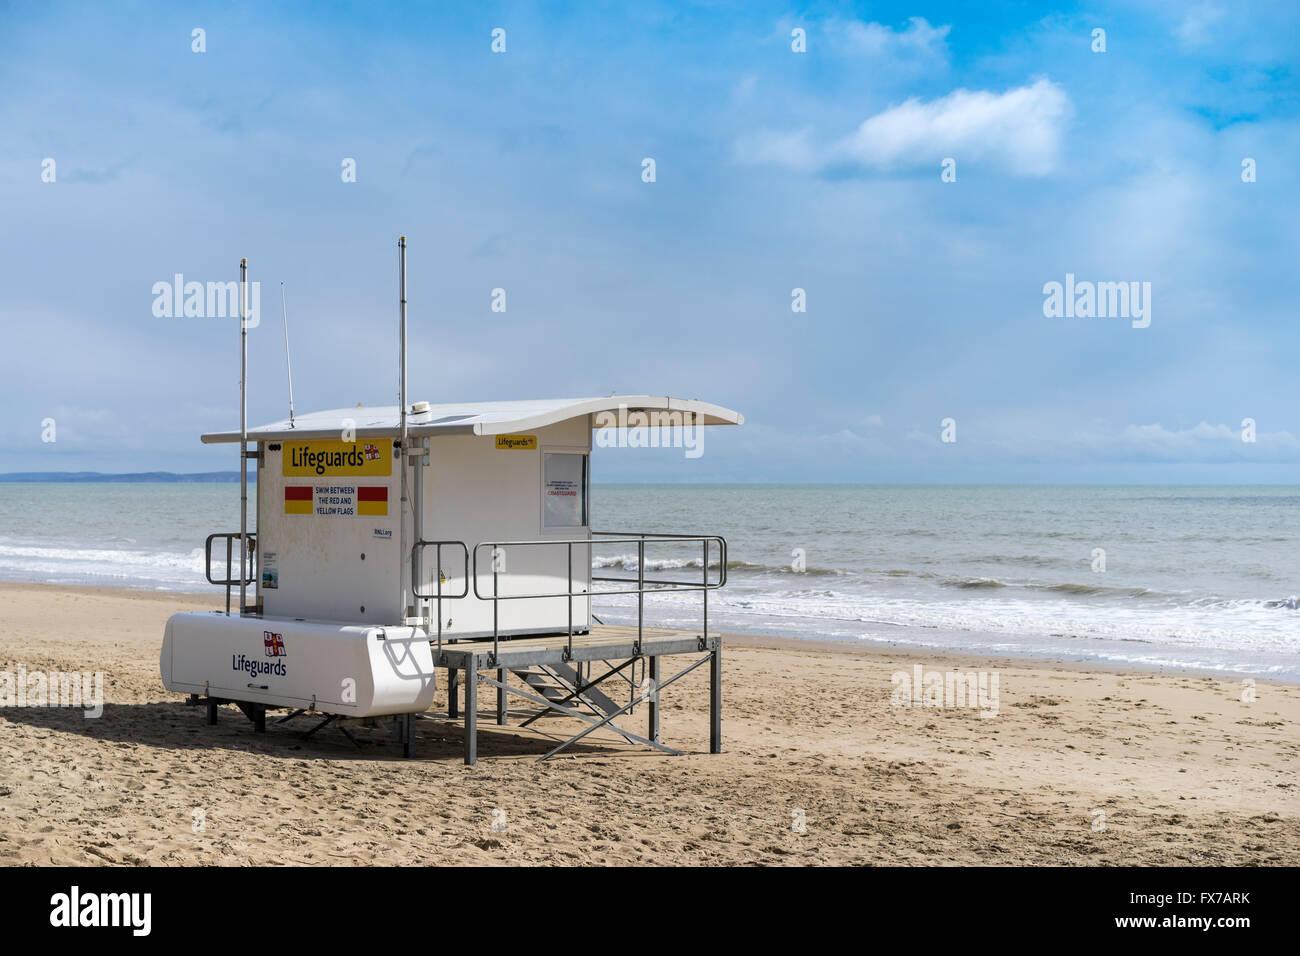 Strandwache an einem einsamen Sandstrand, Bournemouth, UK Stockfoto